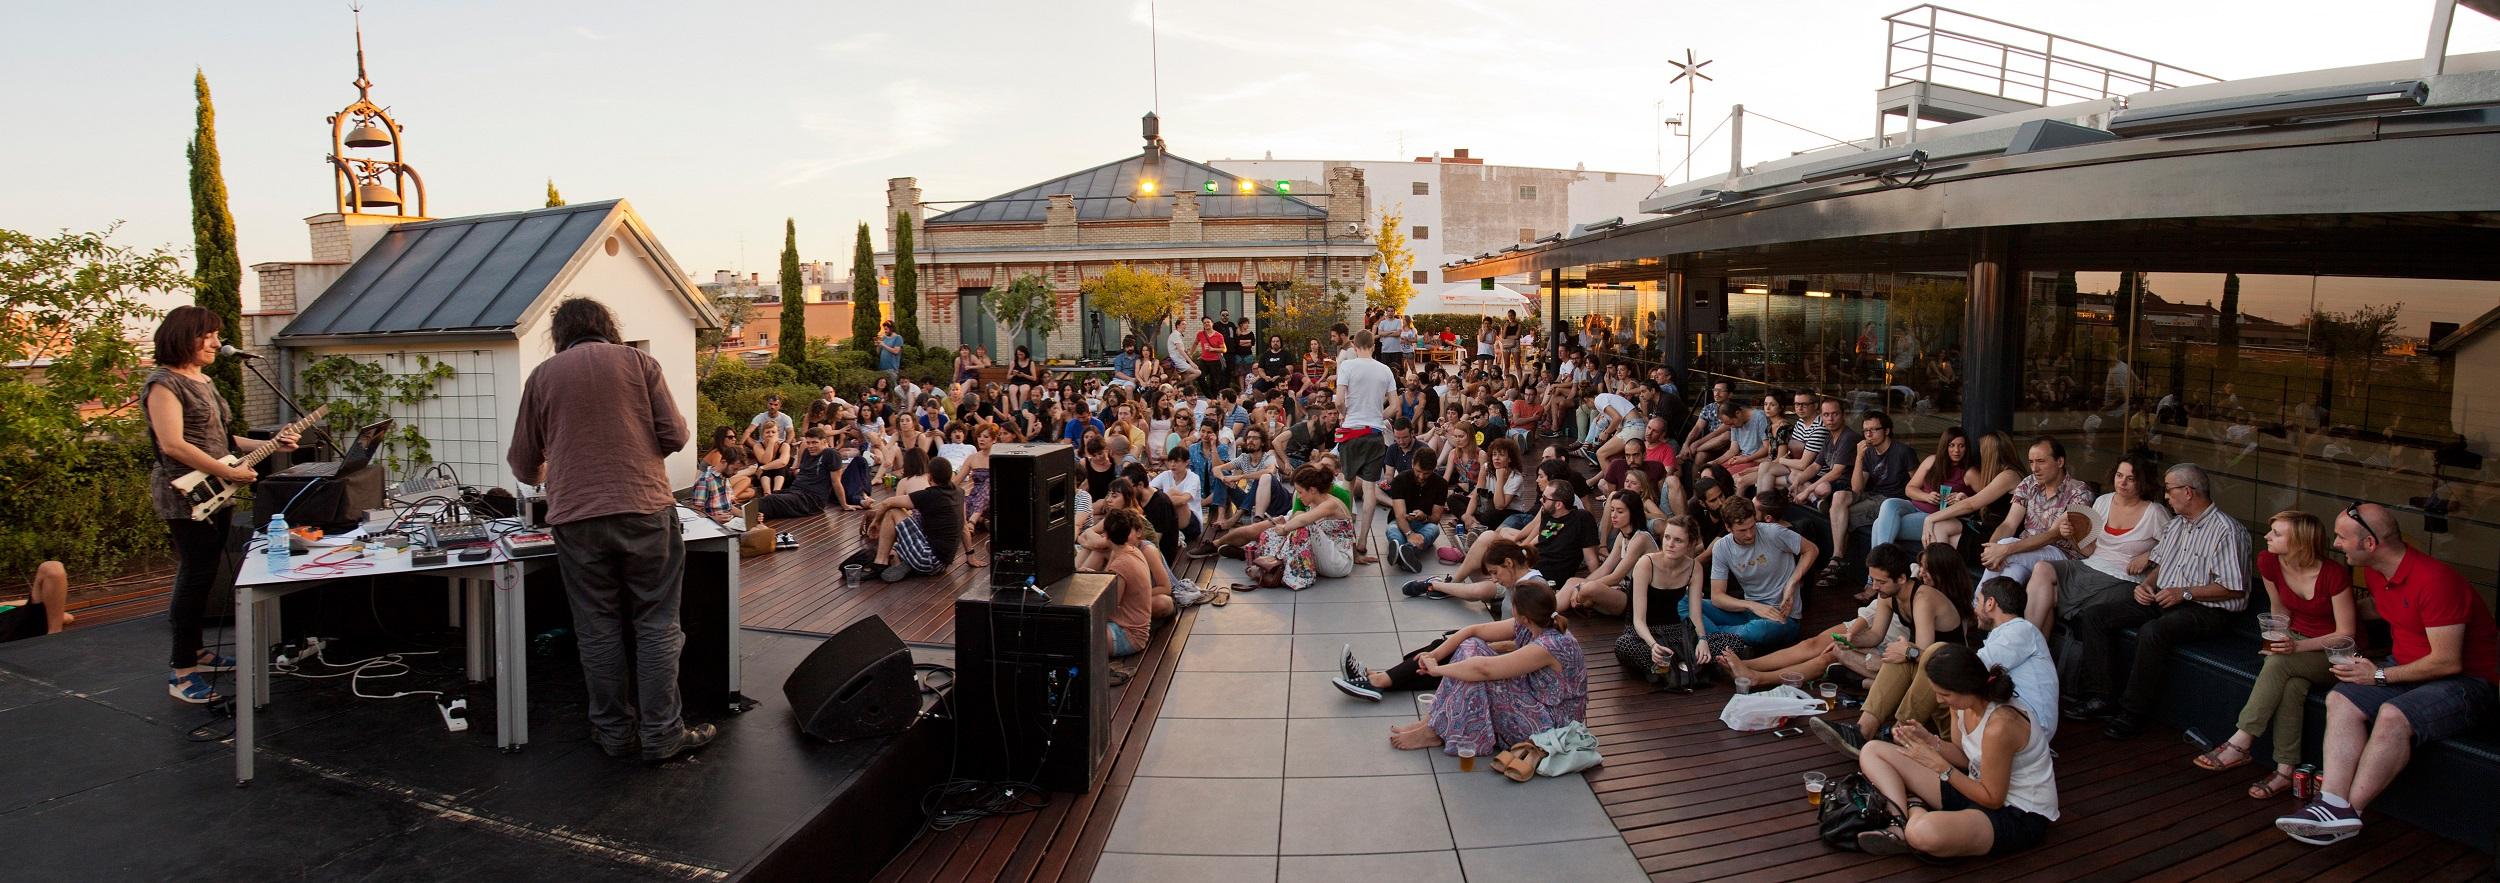 La terraza magn tica m sica y cine en la casa encendida for La casa encendida restaurante madrid